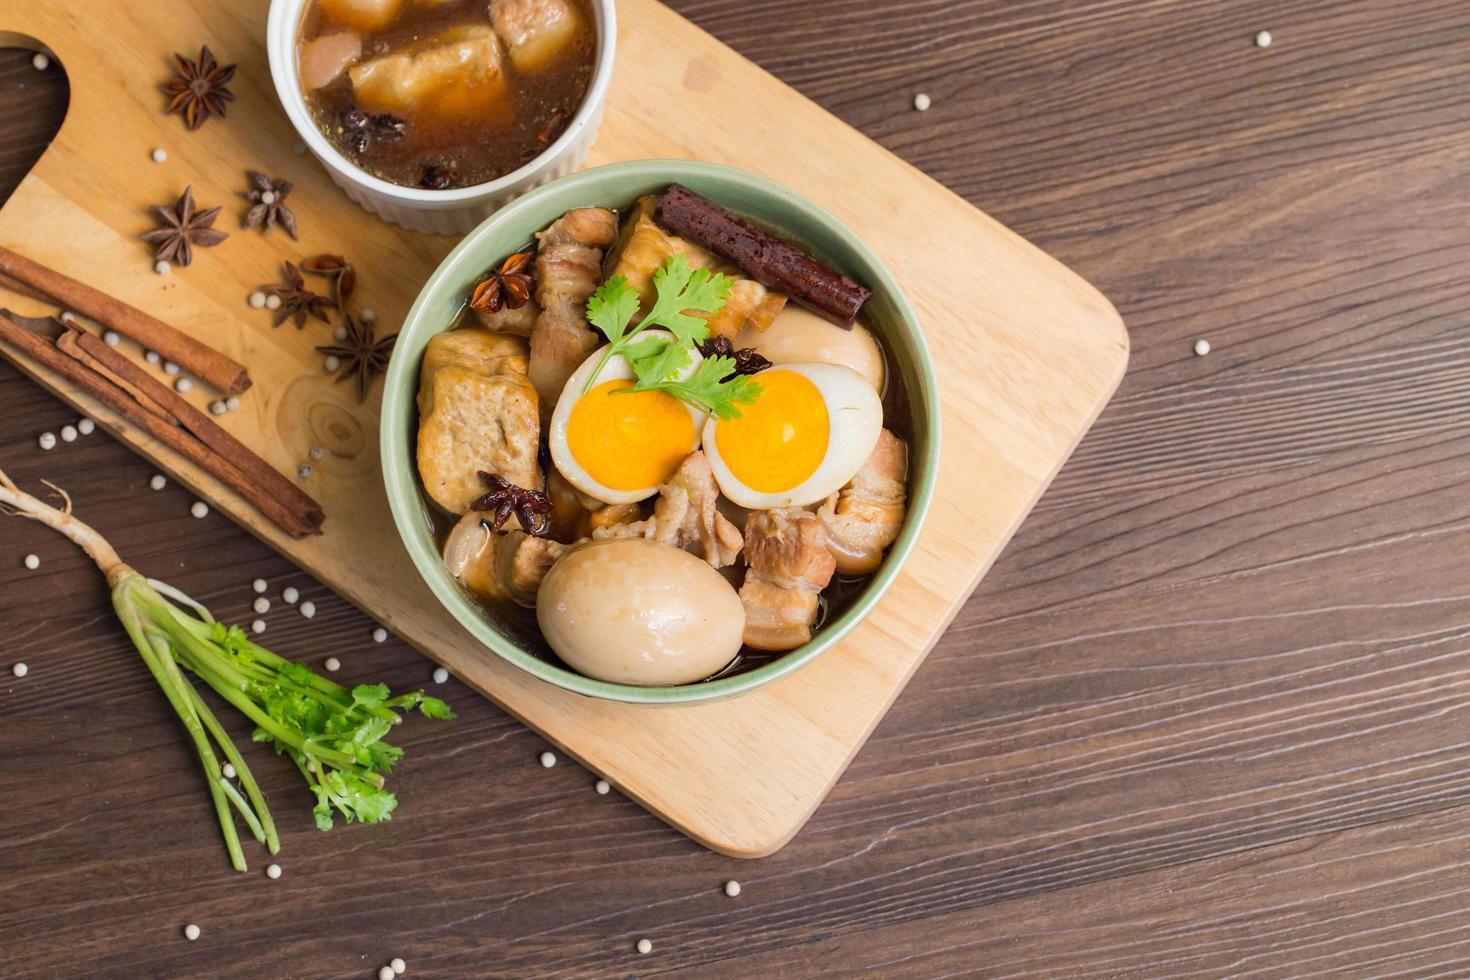 eieren en zoet varkensvlees met gebakken tofu, gekookt in bruine saus en in witte kom op oude bruine houten plank. foto